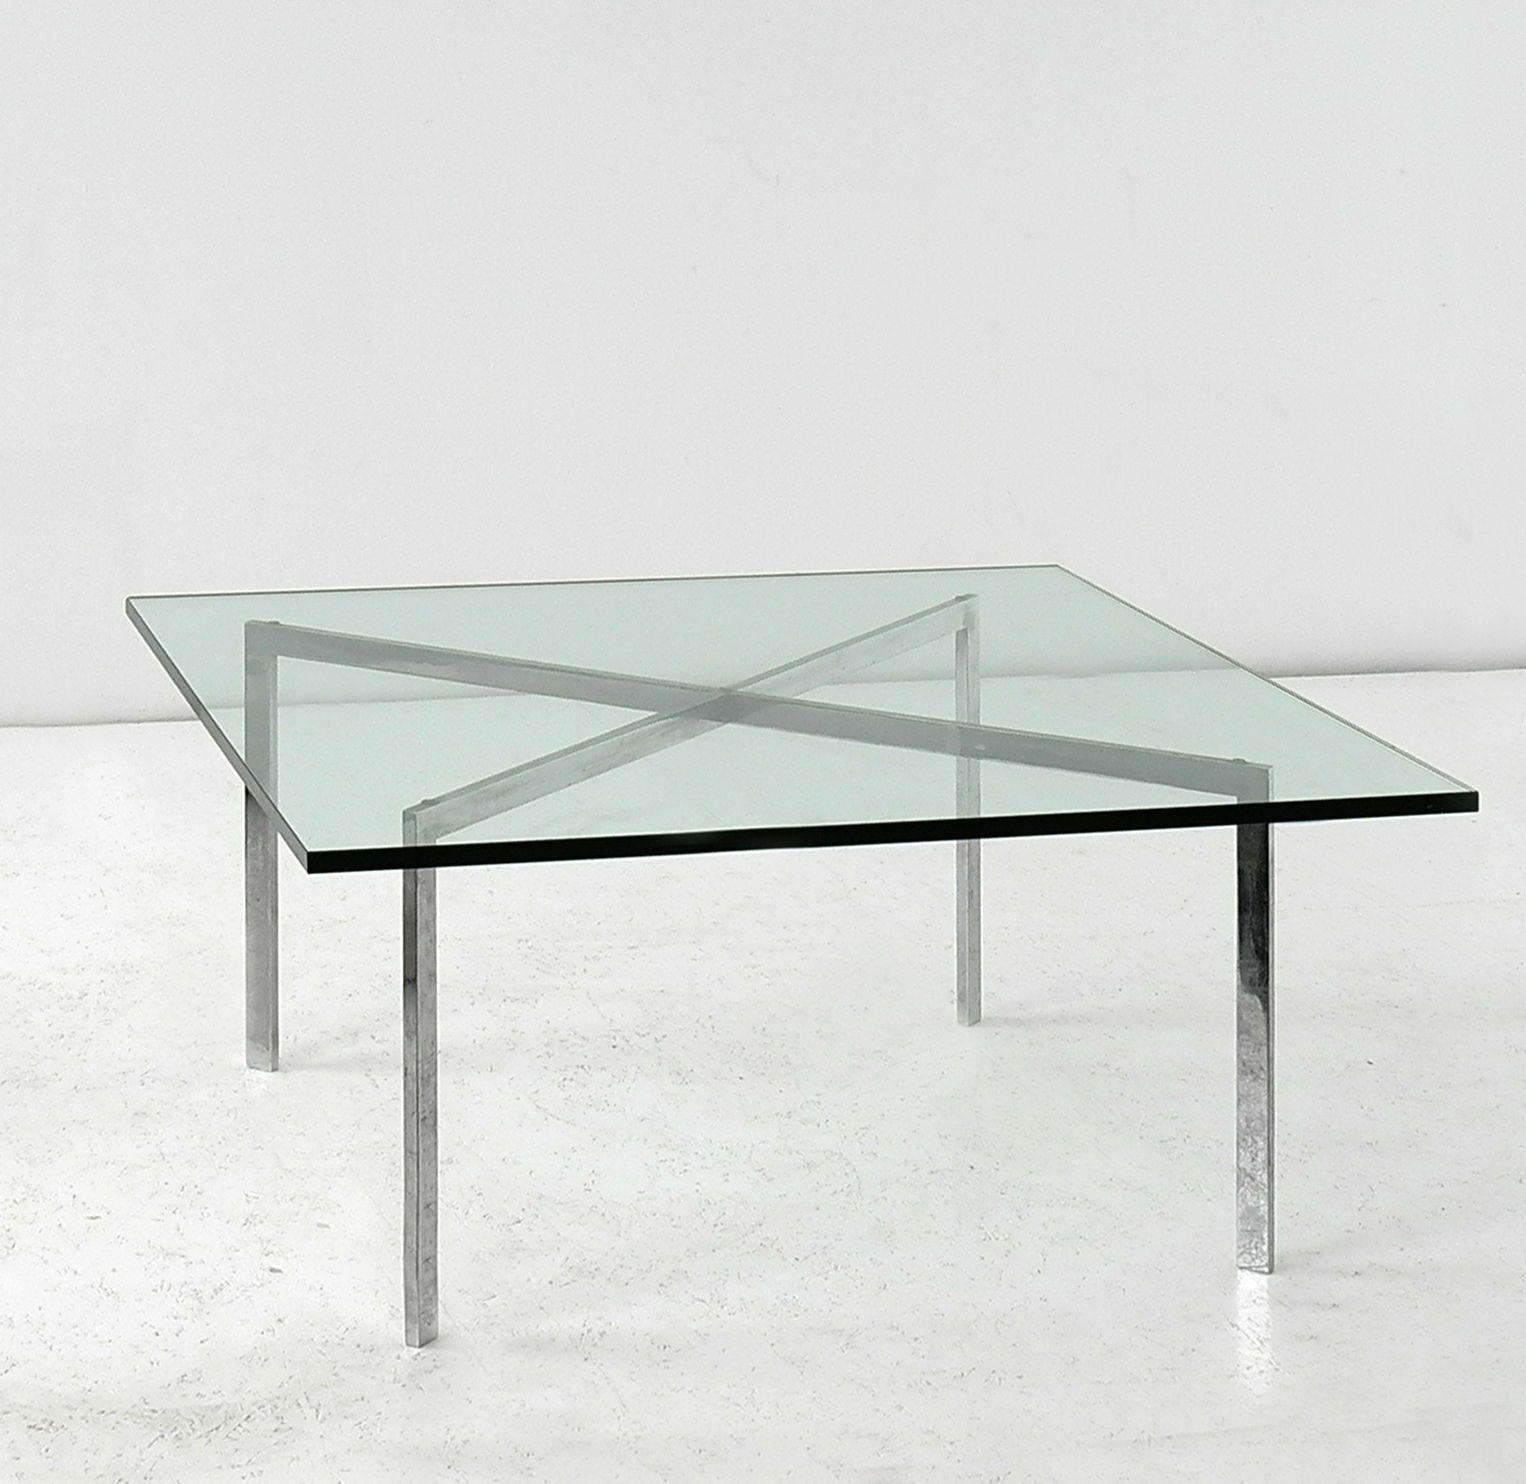 Mies Van Der Rohe Dessau Tisch Knoll International 1960 Bauhaus